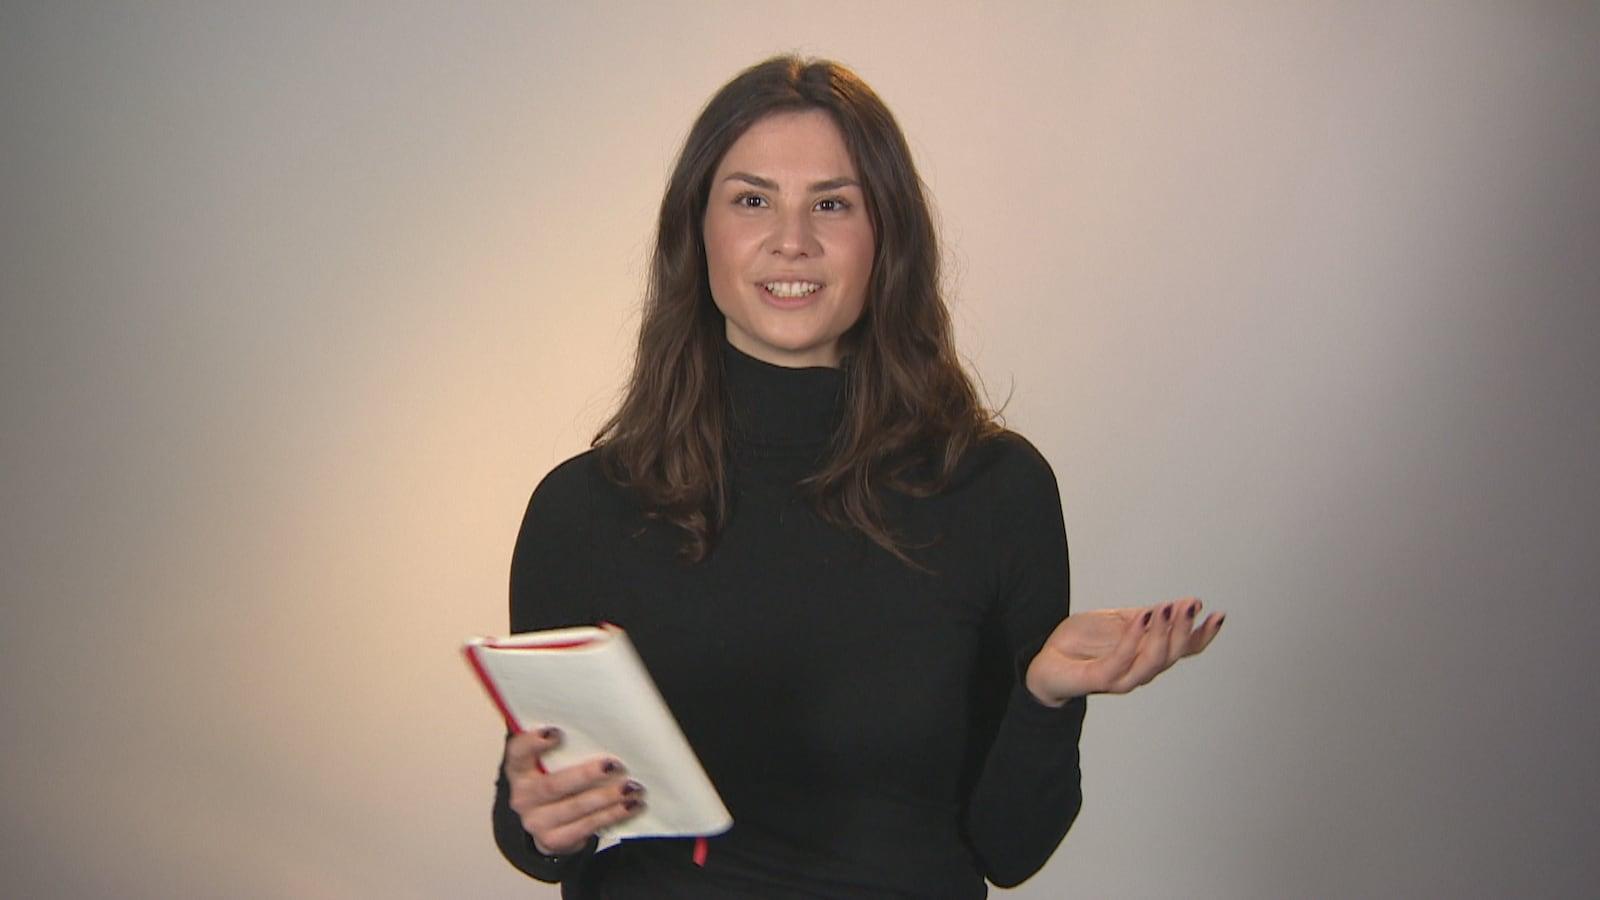 La journaliste Charlotte Mondoux-Fournier parle de son expérience devant la caméra.